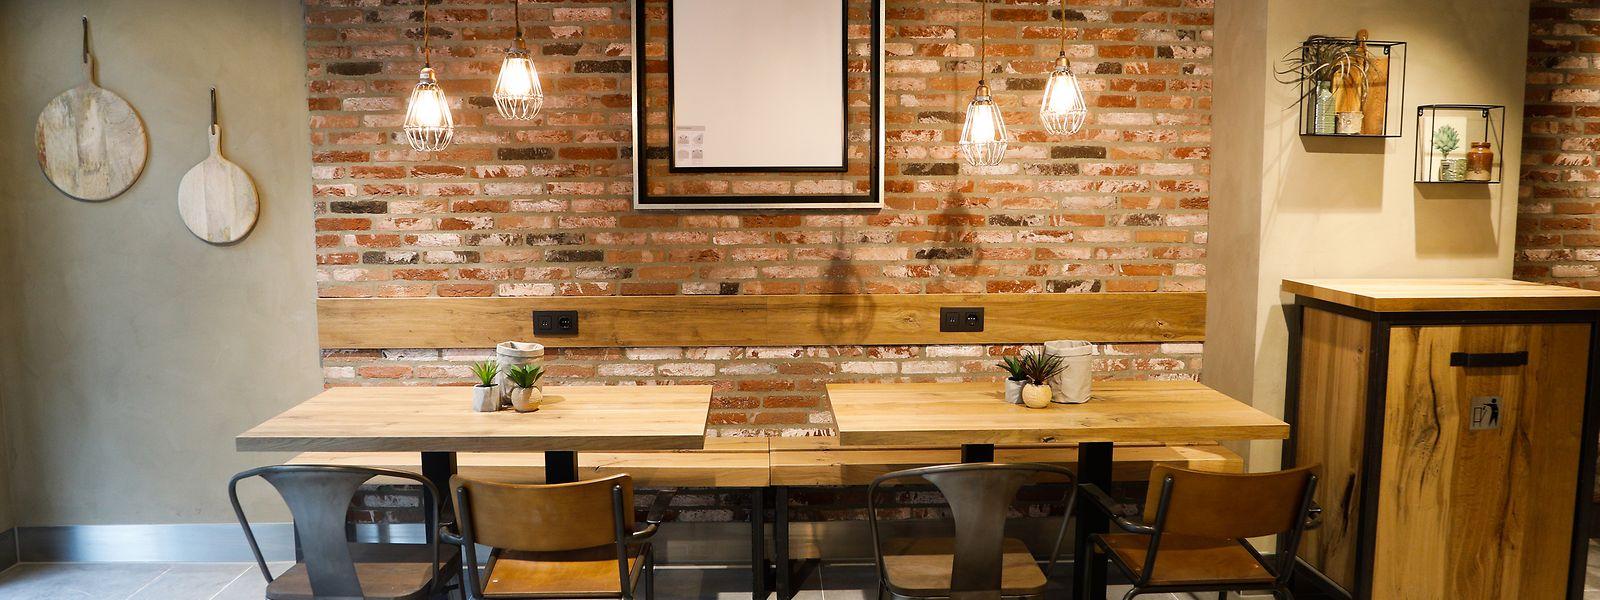 Die letzten Tage gab es in den Restaurants wegen der Epidemie immer weniger Gäste - jetzt sind die Restaurants im Land geschlossen.